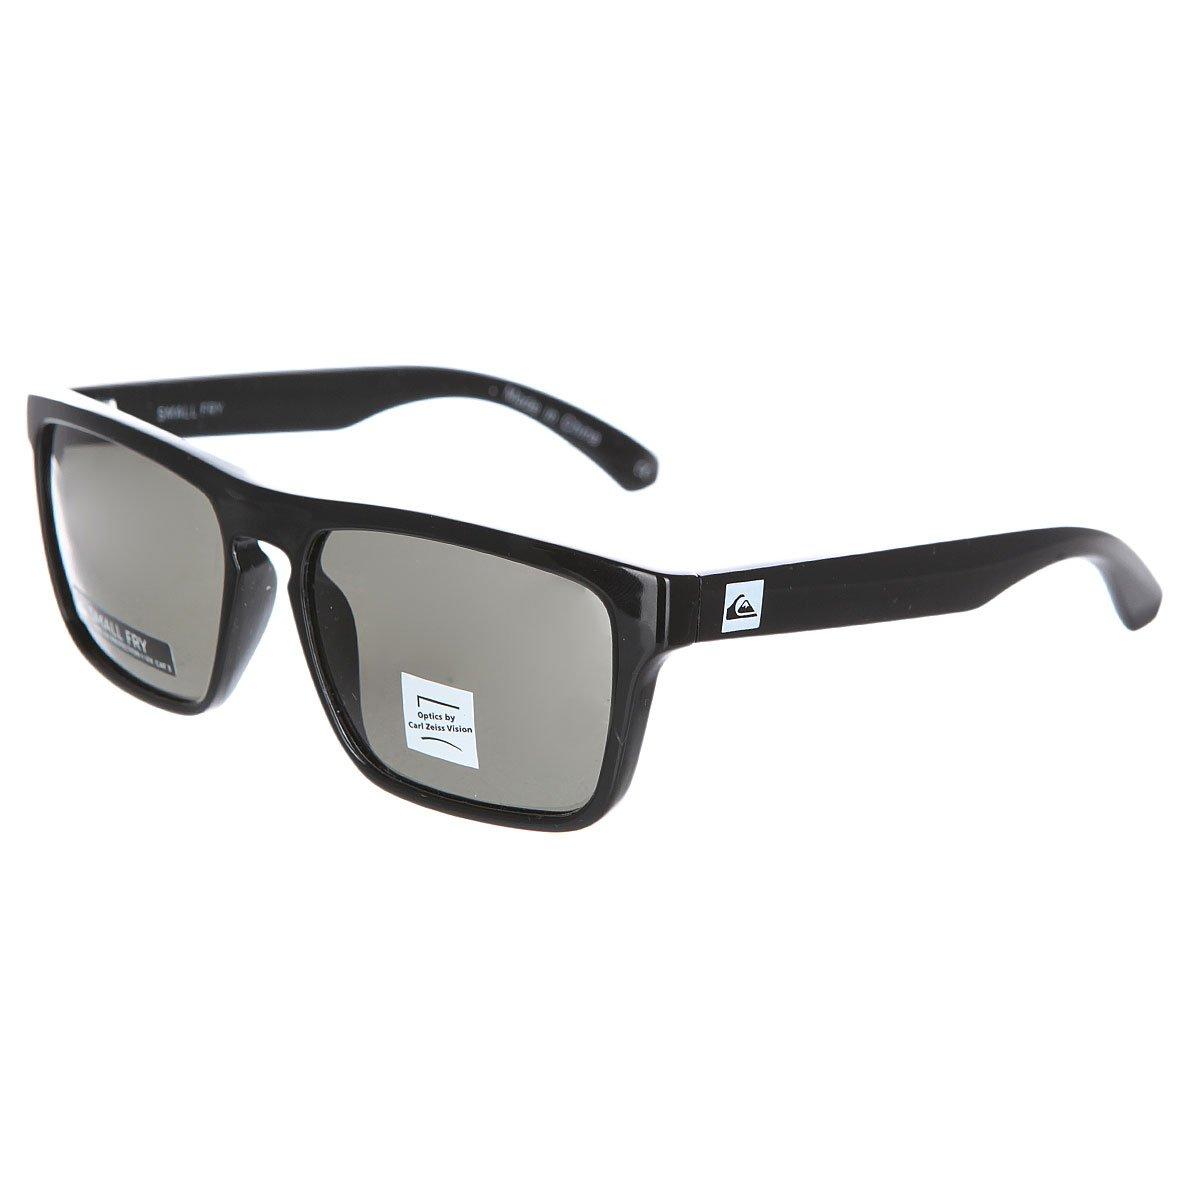 6860f6ff4341 Купить очки детские Quiksilver Small Fry Black (EKS4077-229) в ...